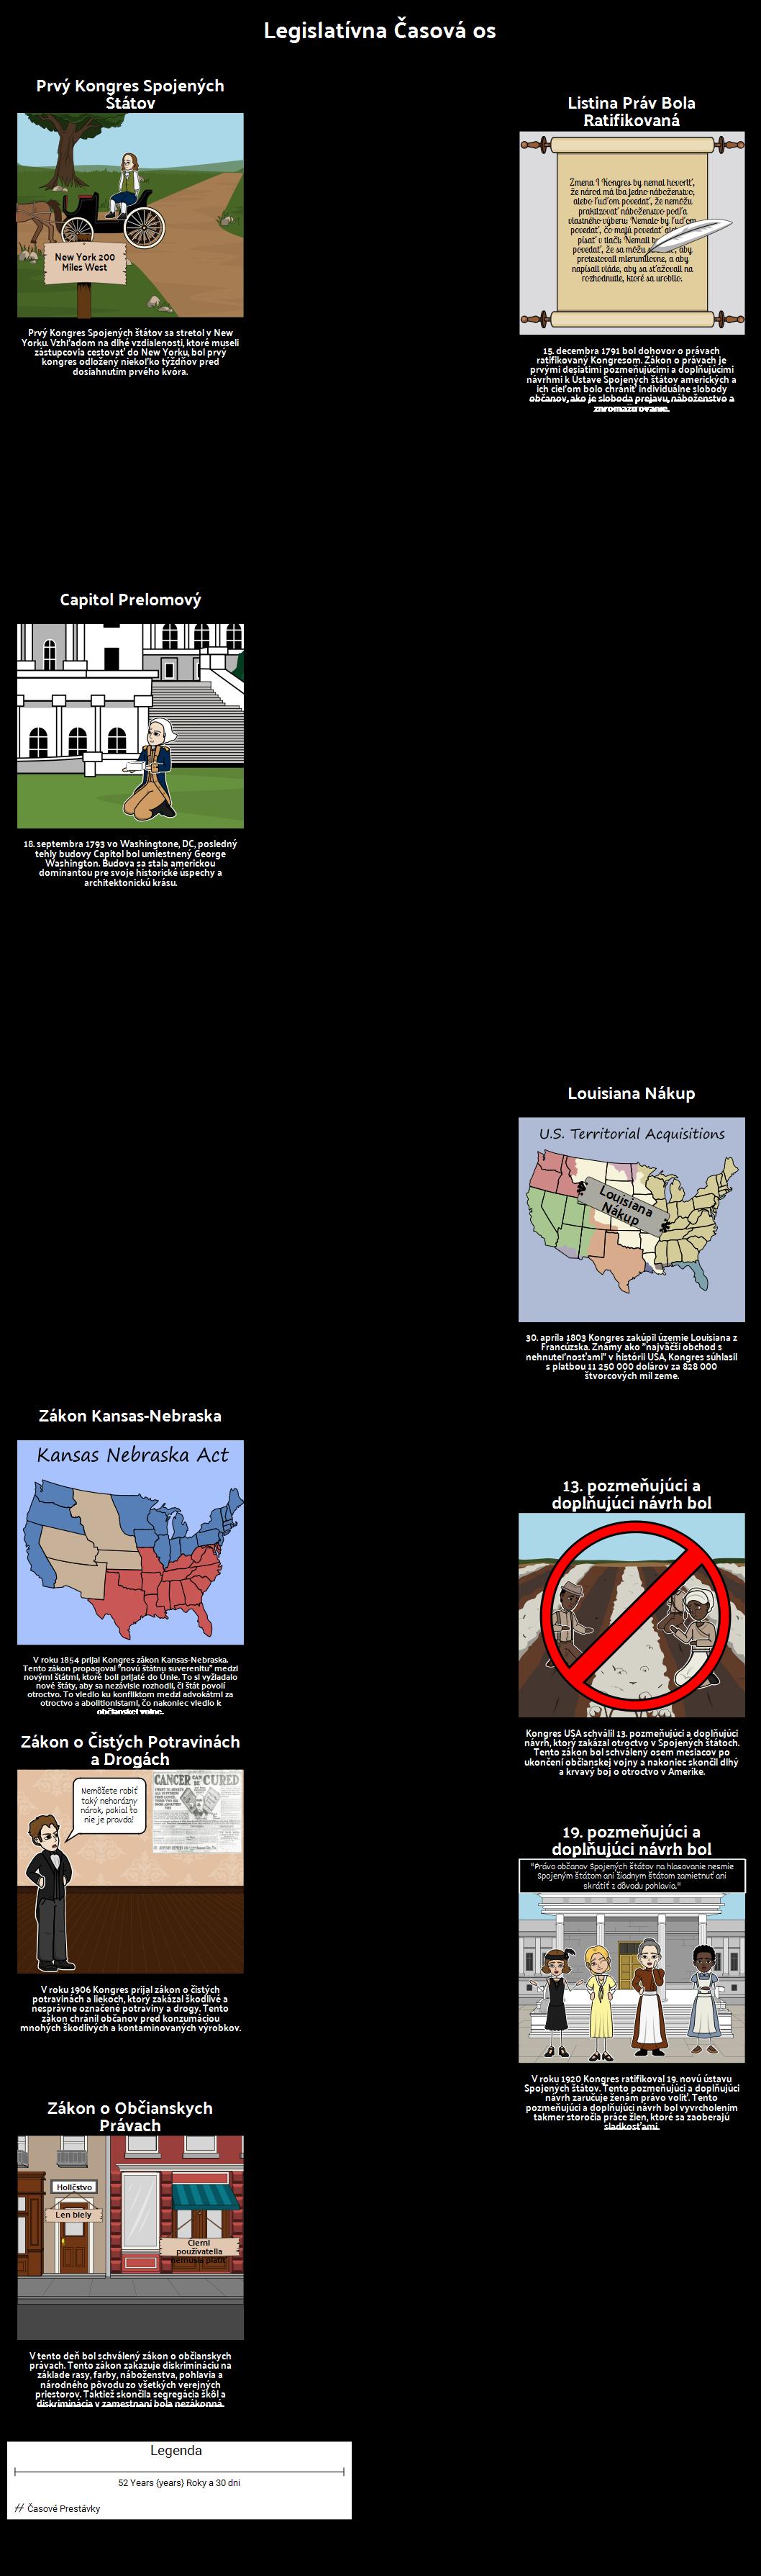 Najobľúbenejšie dátumové údaje lokalít v USA všetky nové zadarmo Zoznamka USA